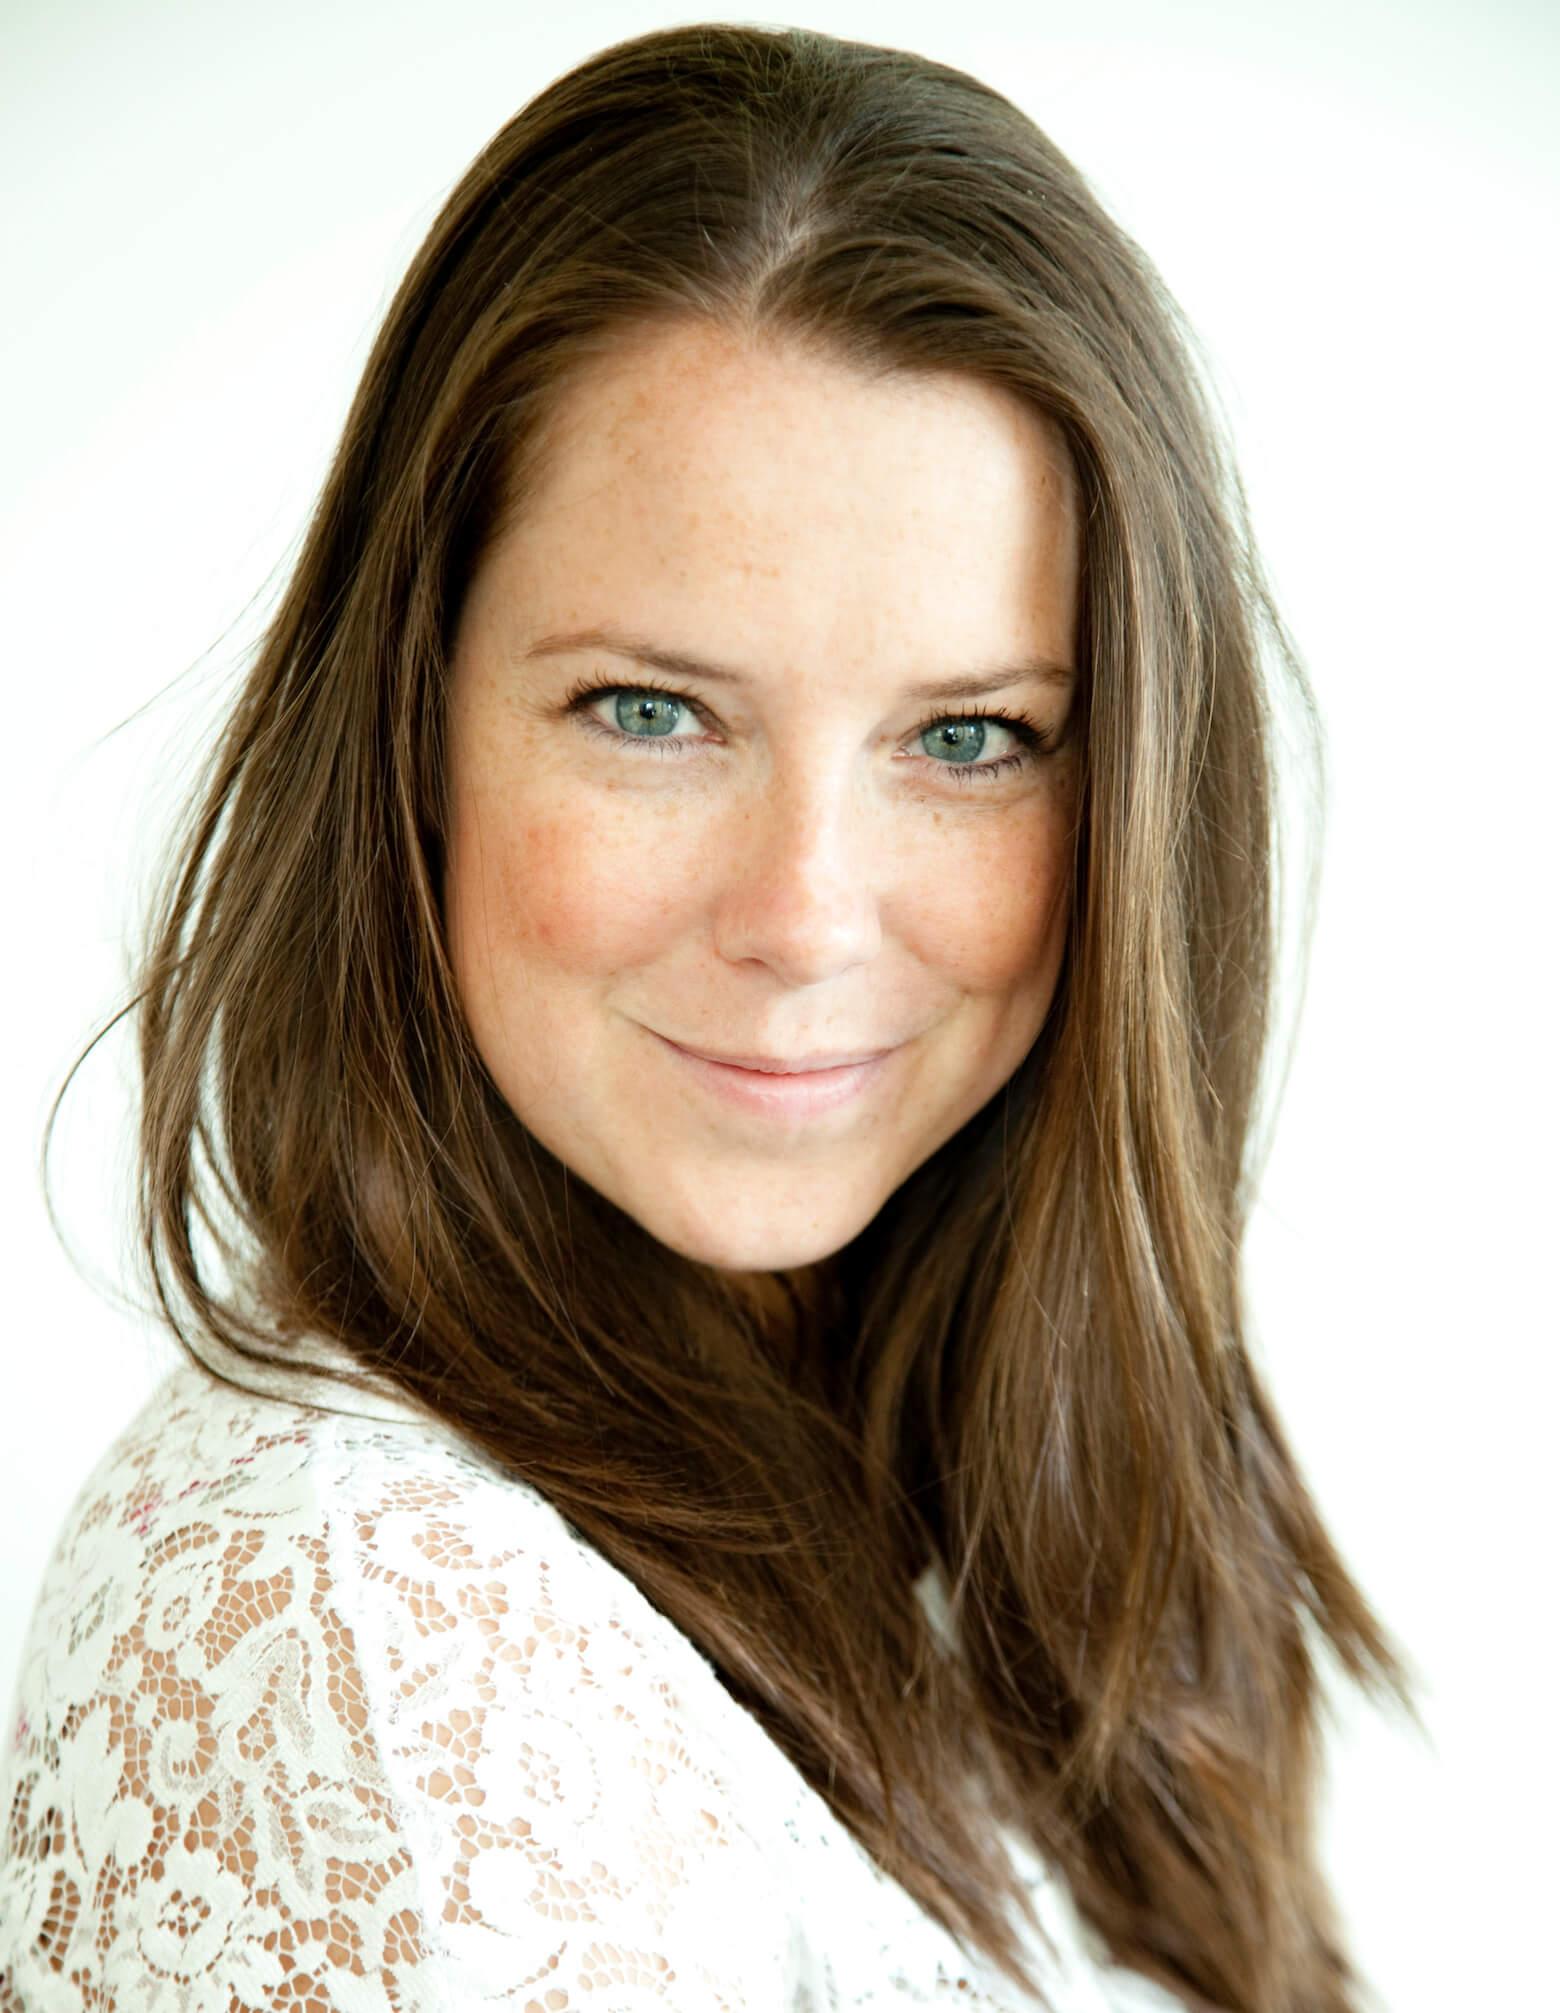 Juliette Moolenbeek